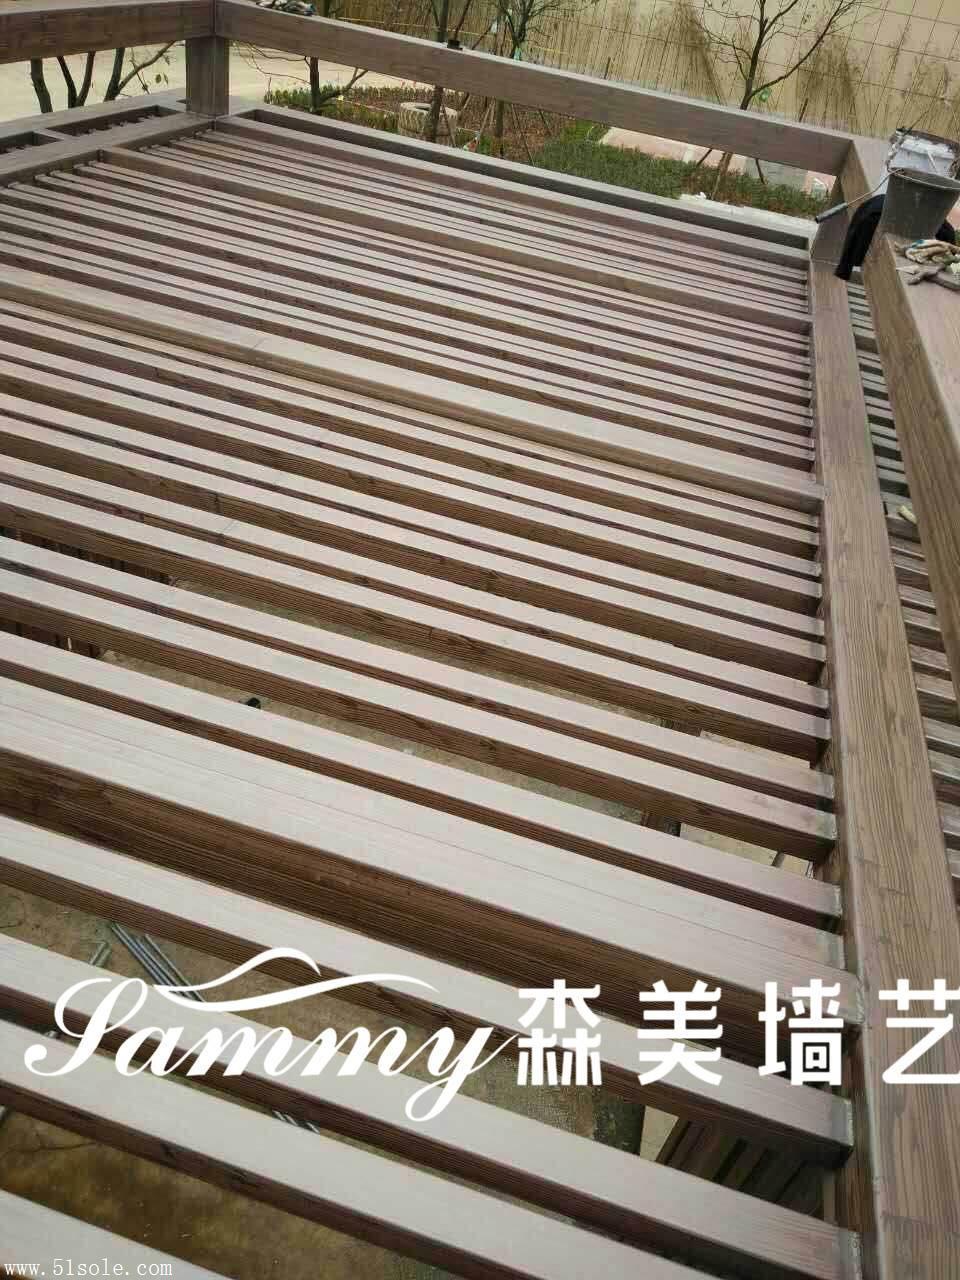 专业金属护栏木纹漆施工,廊架木纹漆施工,水泥柱木纹漆施工